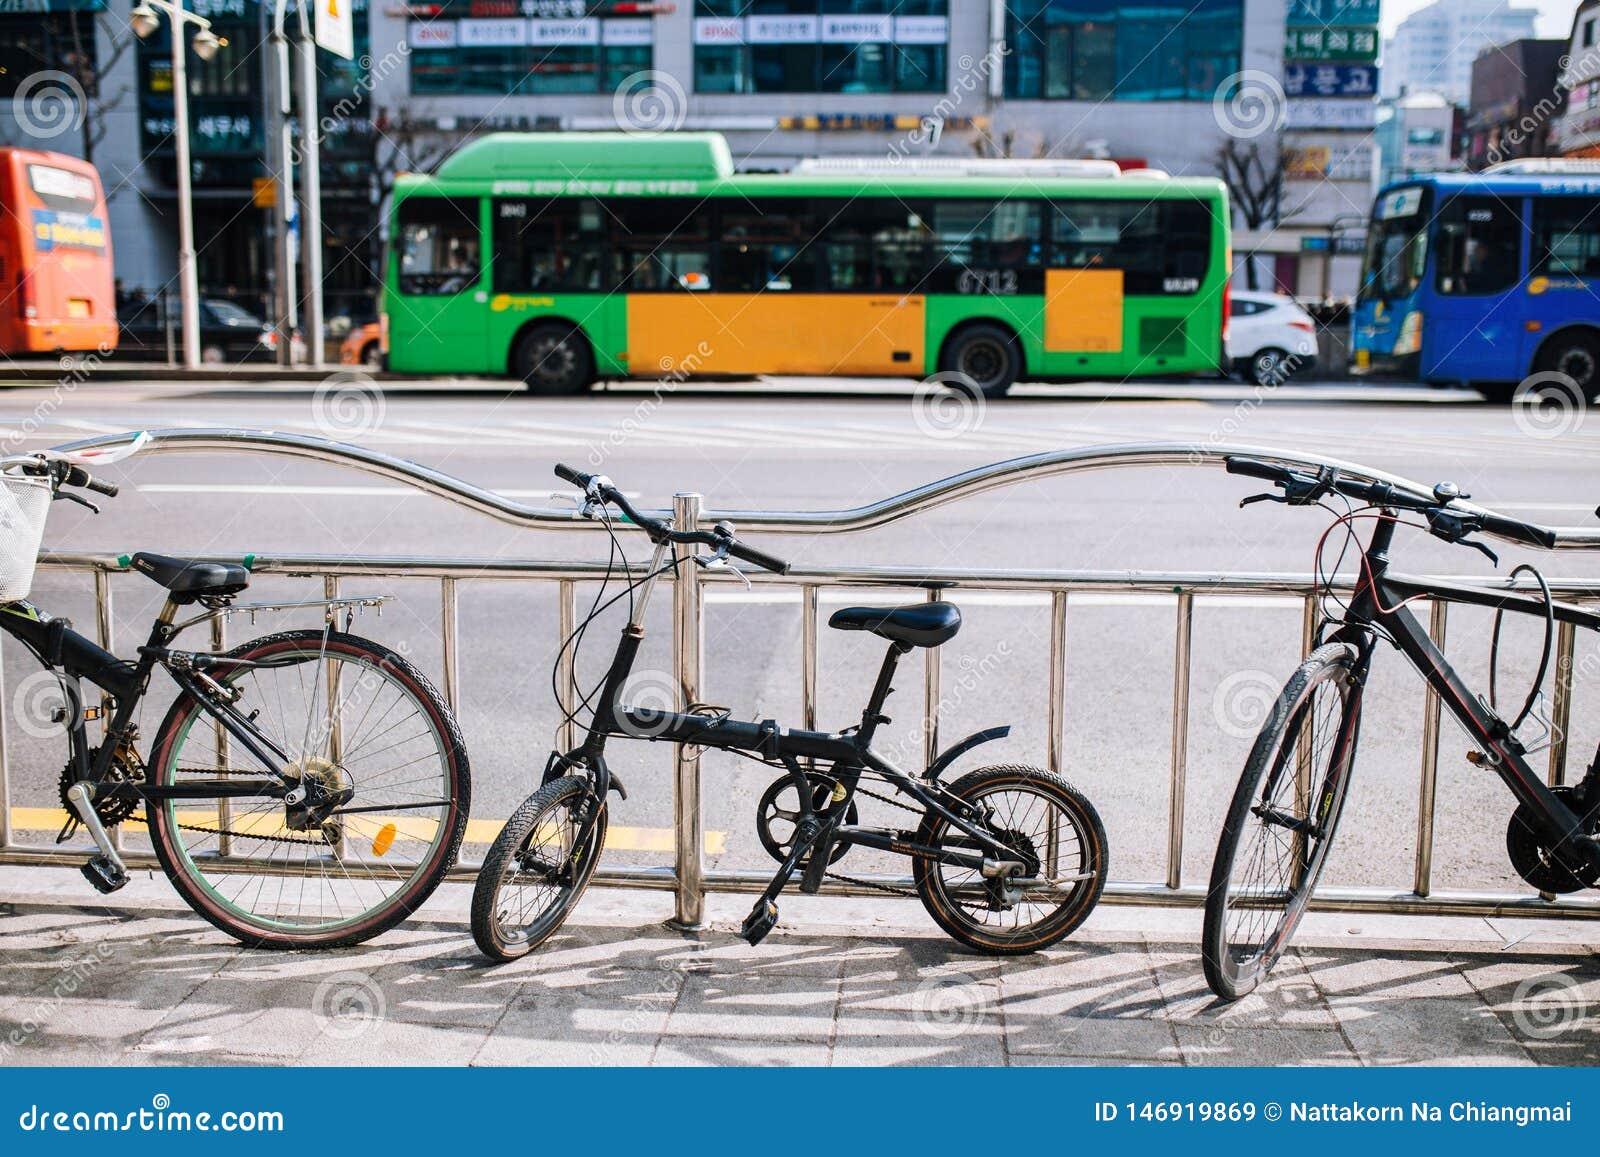 Μικροσκοπικό διπλώνοντας ποδήλατο στην οδό πόλεων πάρκο στο φράκτη sideroad, την αστική σκηνή, το ποδήλατο και το λεωφορείο